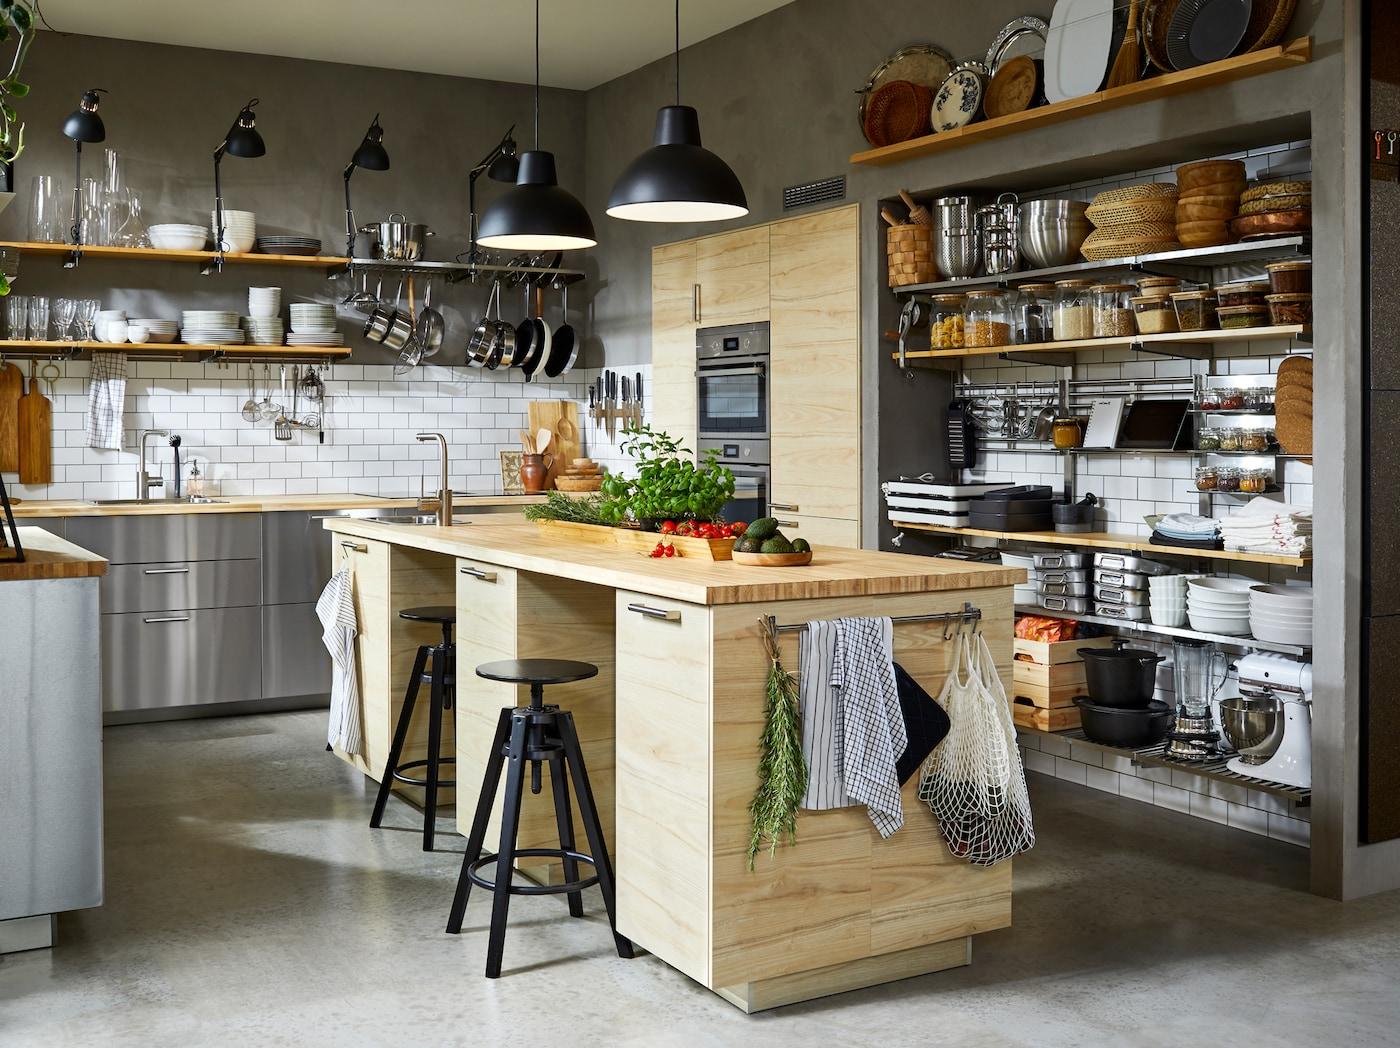 Kök med fronter i rostfritt stål, två svarta taklampor och rymlig köksö med två svarta barpallar.